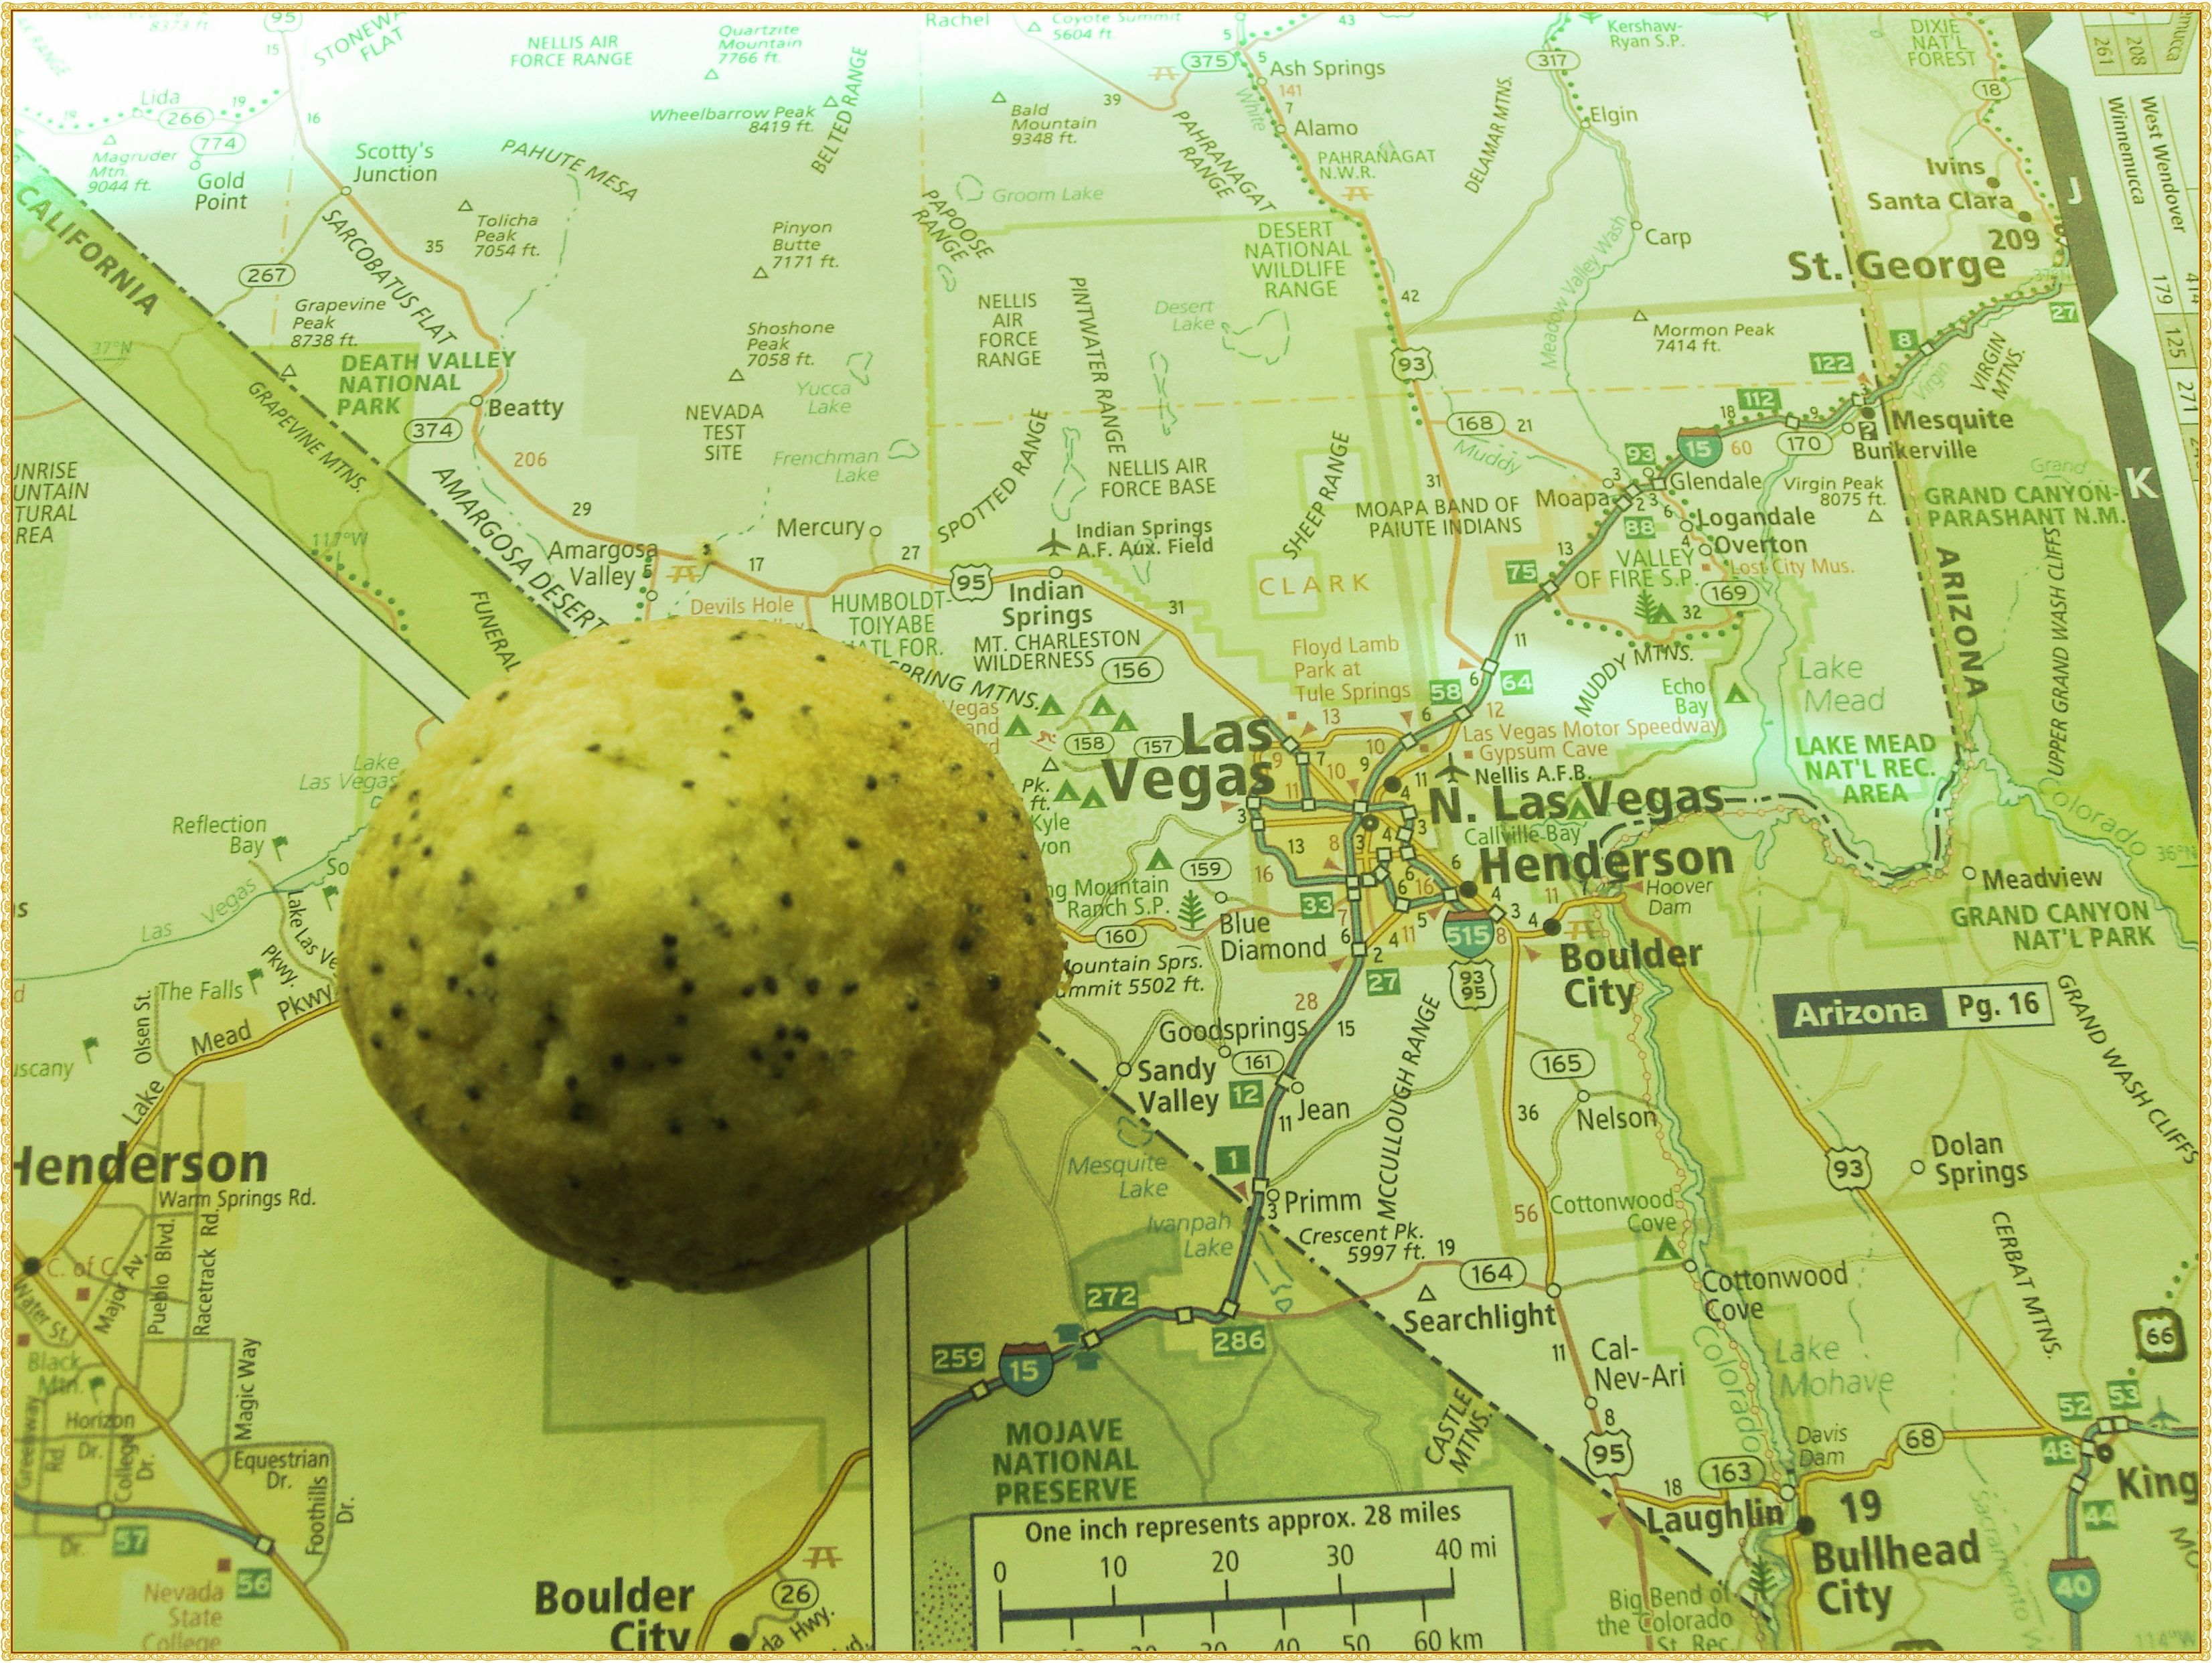 """Wohin fahren? Was soll ich mitnehmen? Brauche ich eine Karte? Viele Fragen können auftauchen, wenn der erste USA Urlaub gebucht wurde. Super ;-)  Vergesst Trump! Packt die Koffer! Das Buch: """"Hamburger safari Tipps & Tricks für deine 1. USA Reise"""" hilft dir und hat viele lustige Sach- und Lachgeschichten für dich parat und viele Tipps :-) Jetzt """"Hamburger safari Tipps & Tricks für deine 1. USA Reise"""" bestellen. #reise #usa #amerika #usareise  (c) Anika Bischoff www.hamburgersafari.de"""